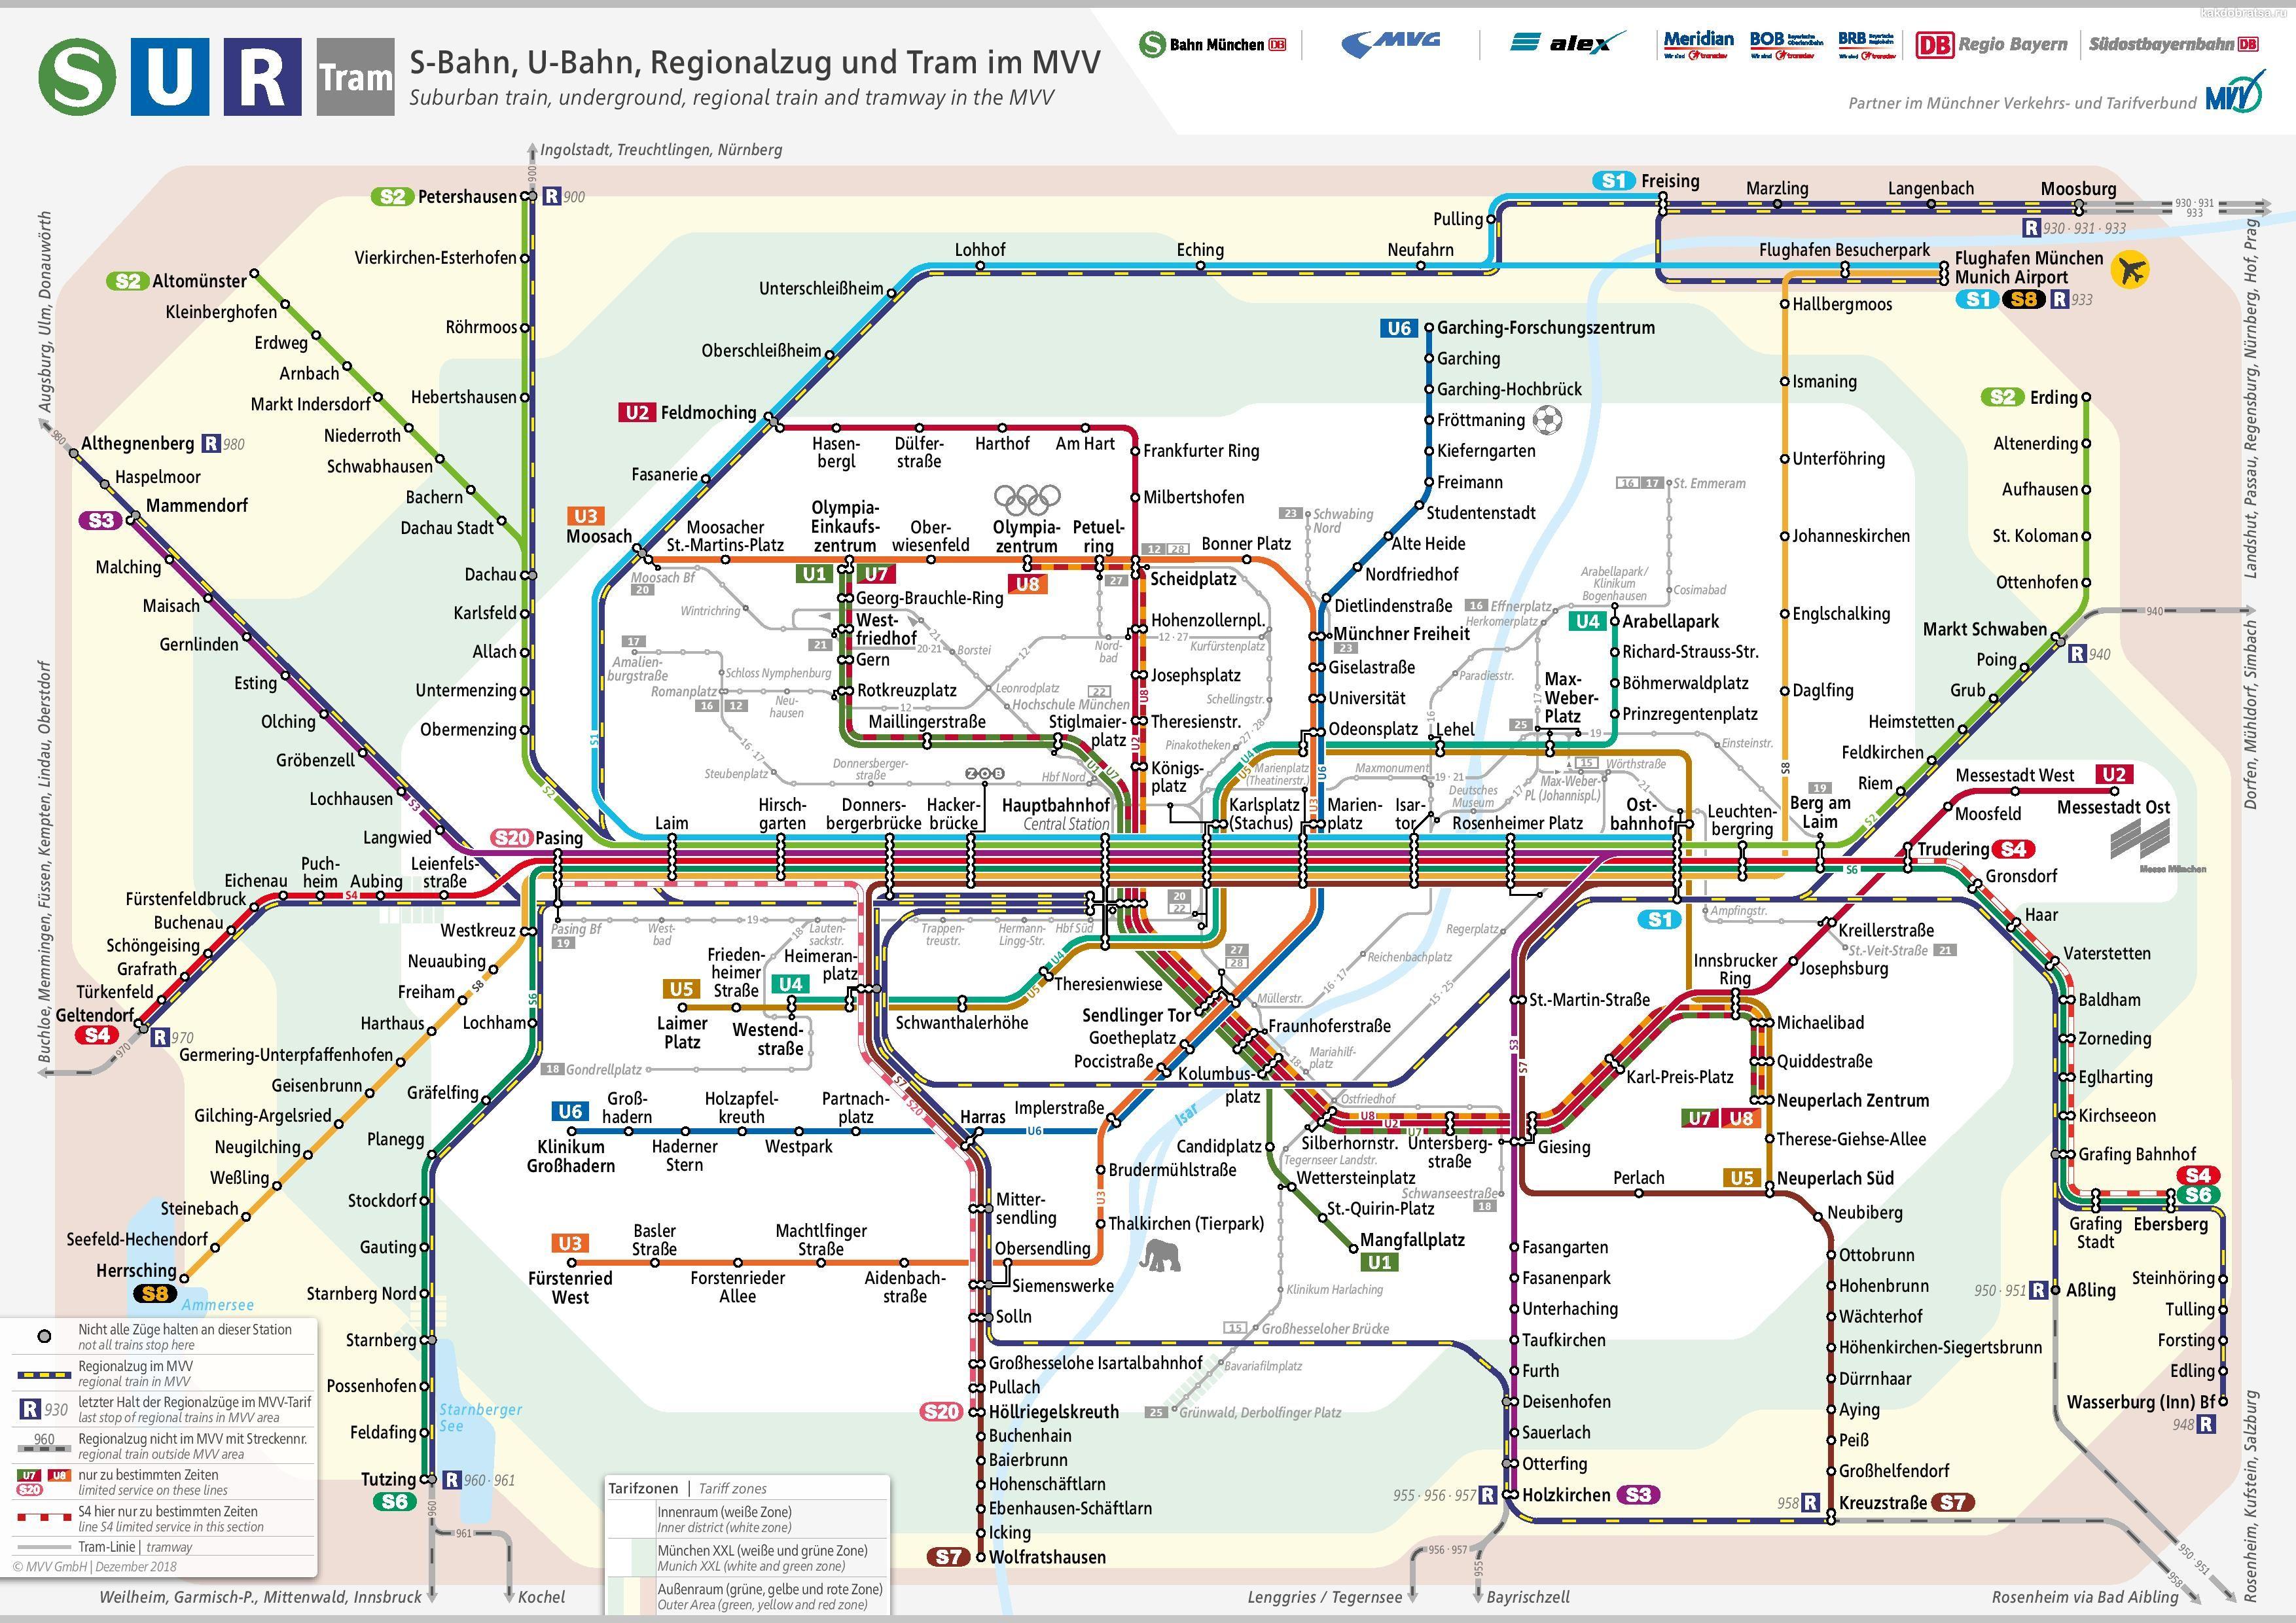 Карта-схема метро Мюнхена